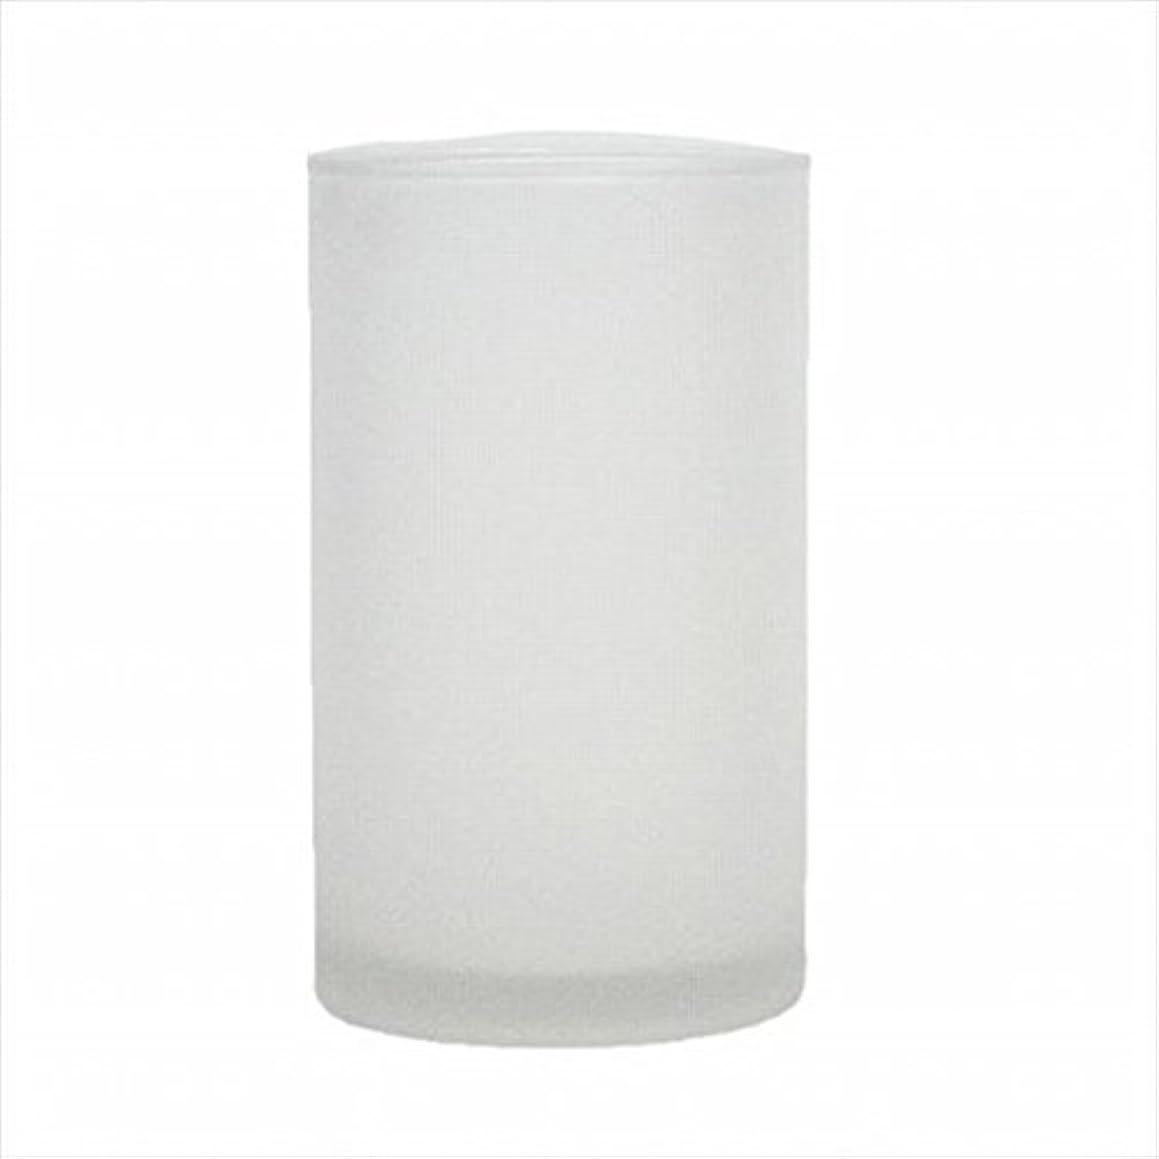 ペルセウス話入浴kameyama candle(カメヤマキャンドル) モルカグラスSフロスト キャンドル 90x90x155mm (65980000)